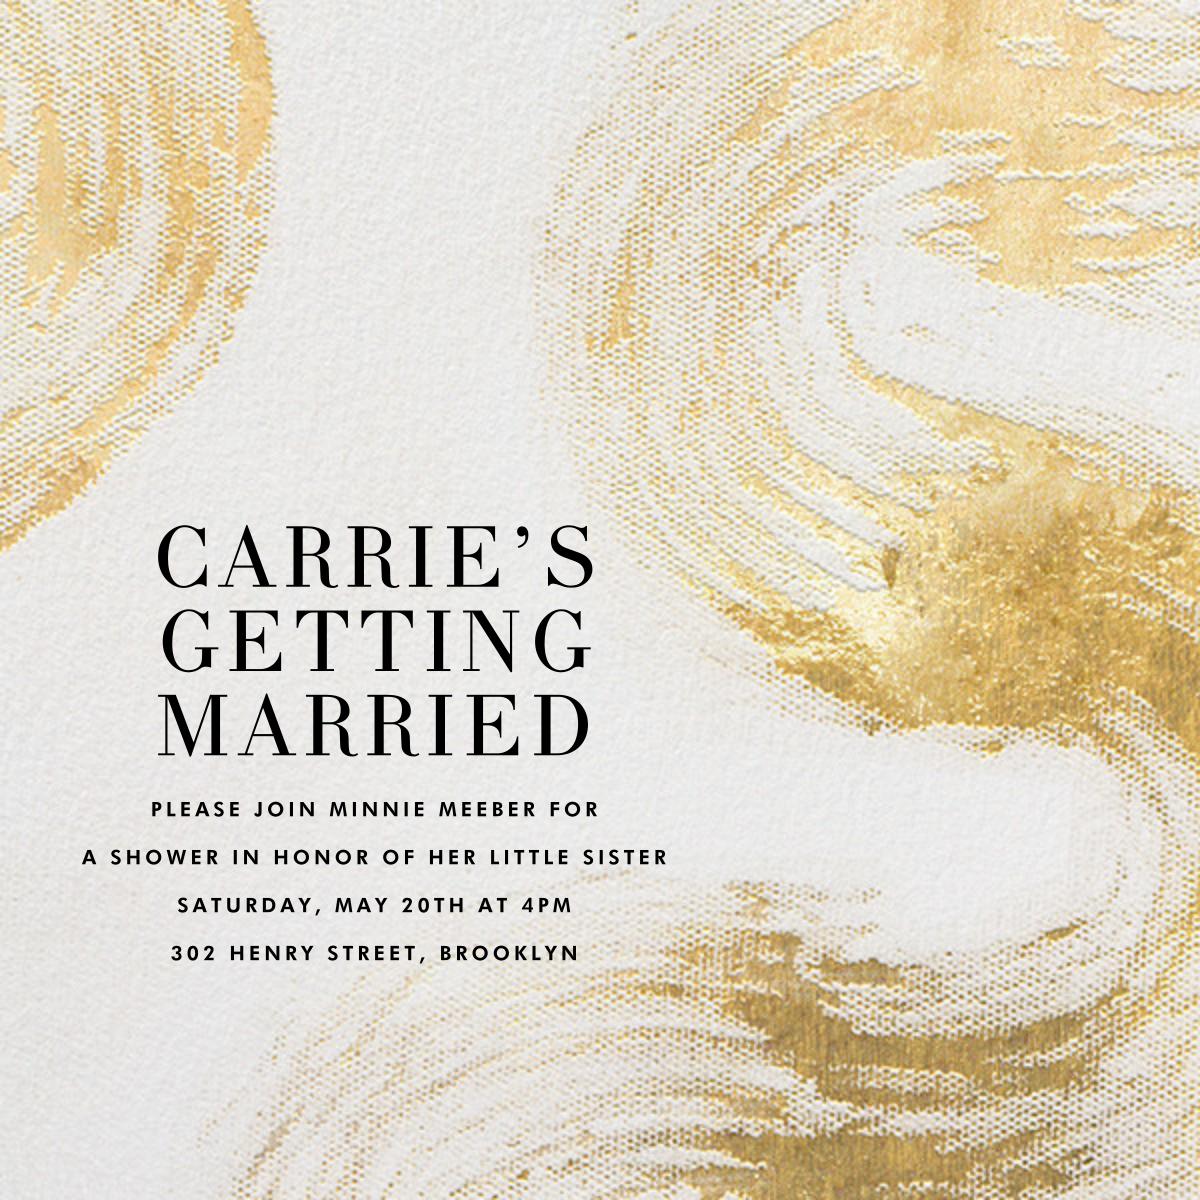 Allegro - Ivory/Gold - Kelly Wearstler - Bridal shower